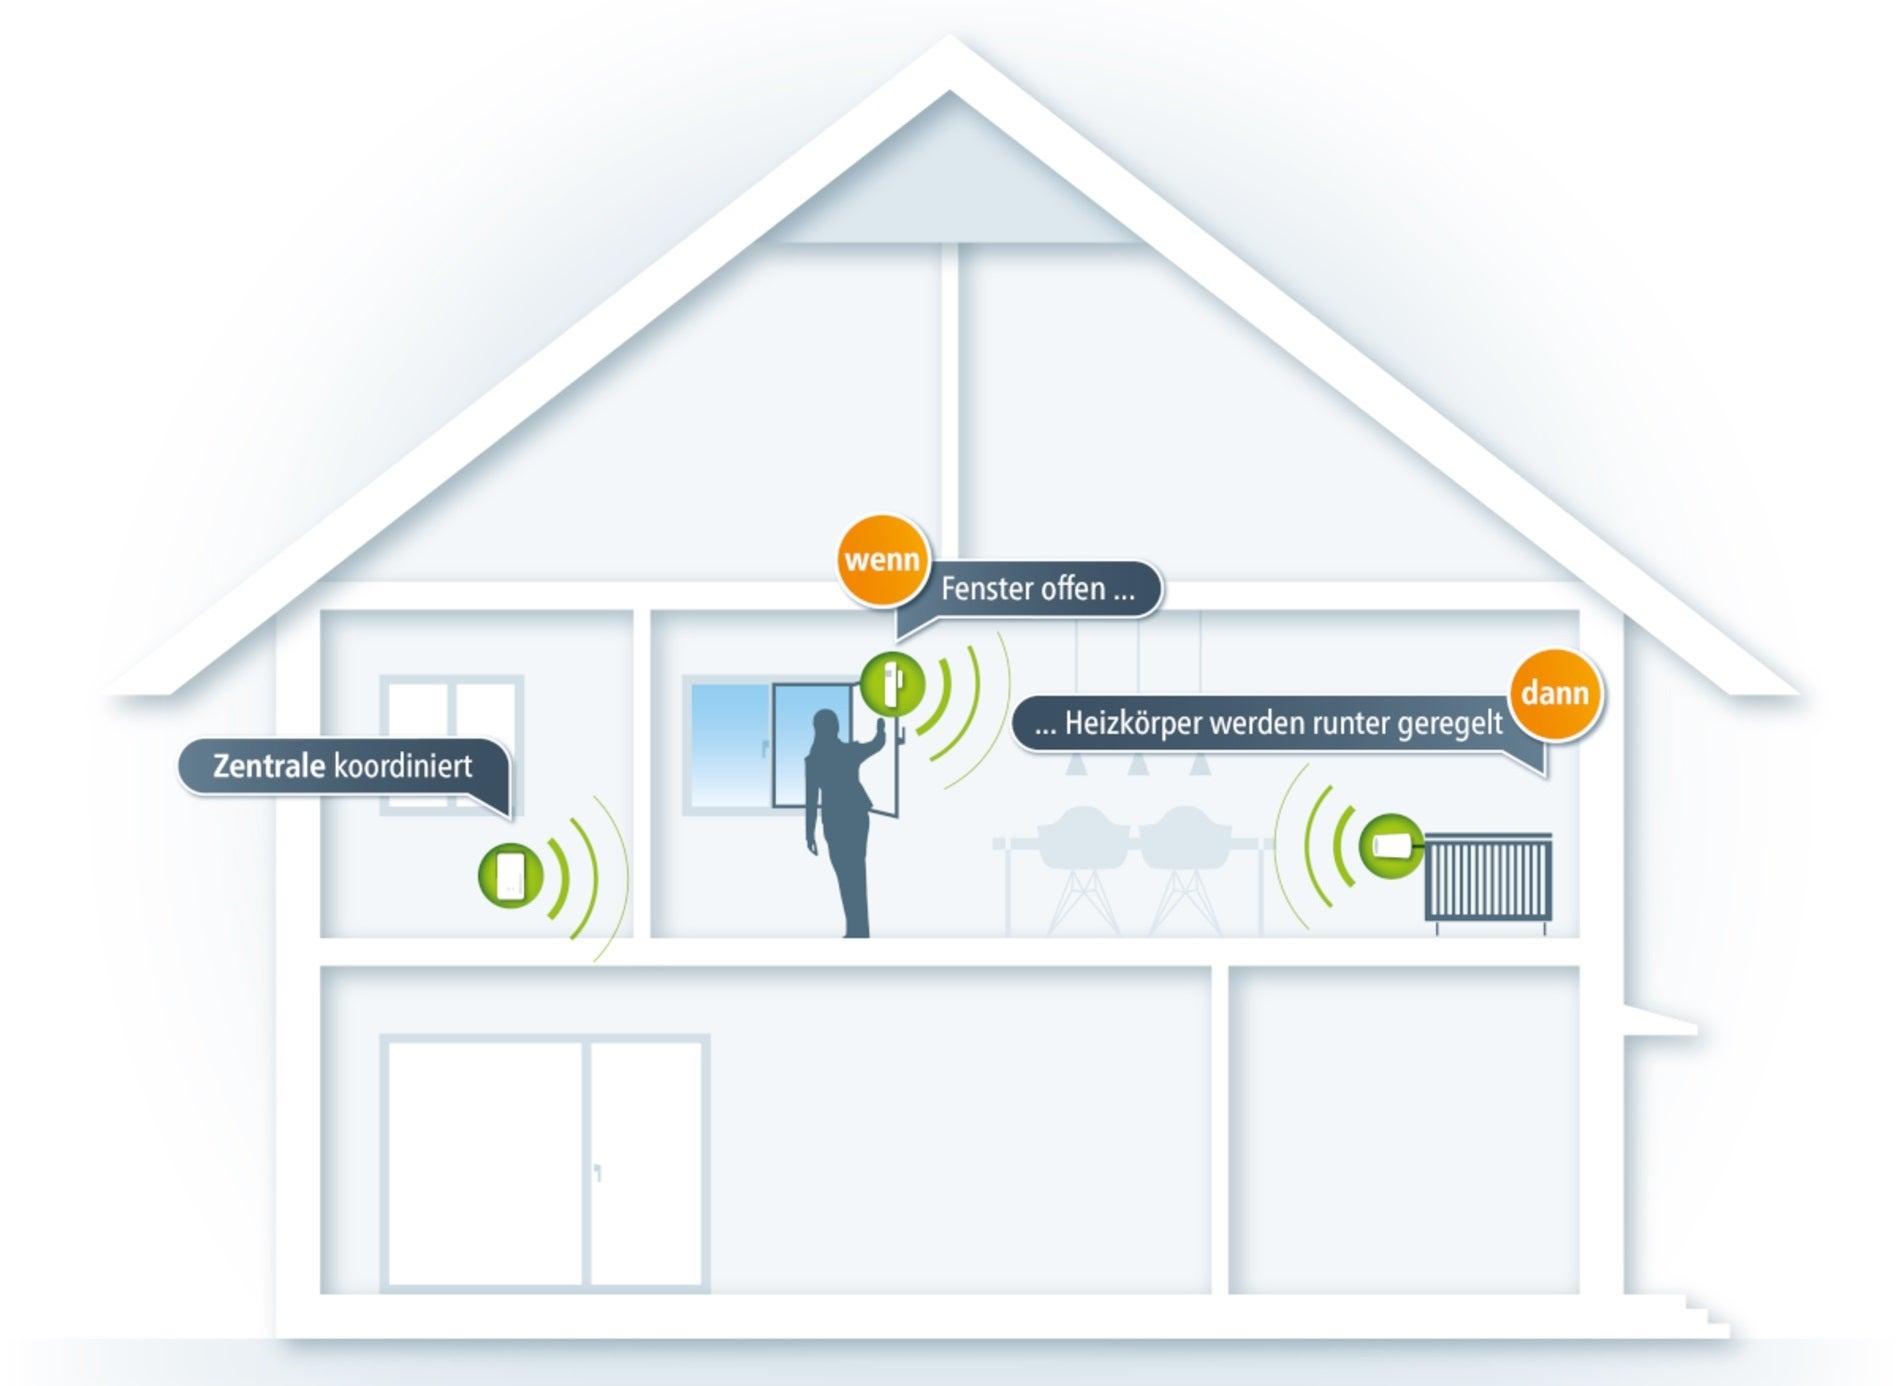 Smarte Fensterkontakte zur Regulierung von Heizkörpern